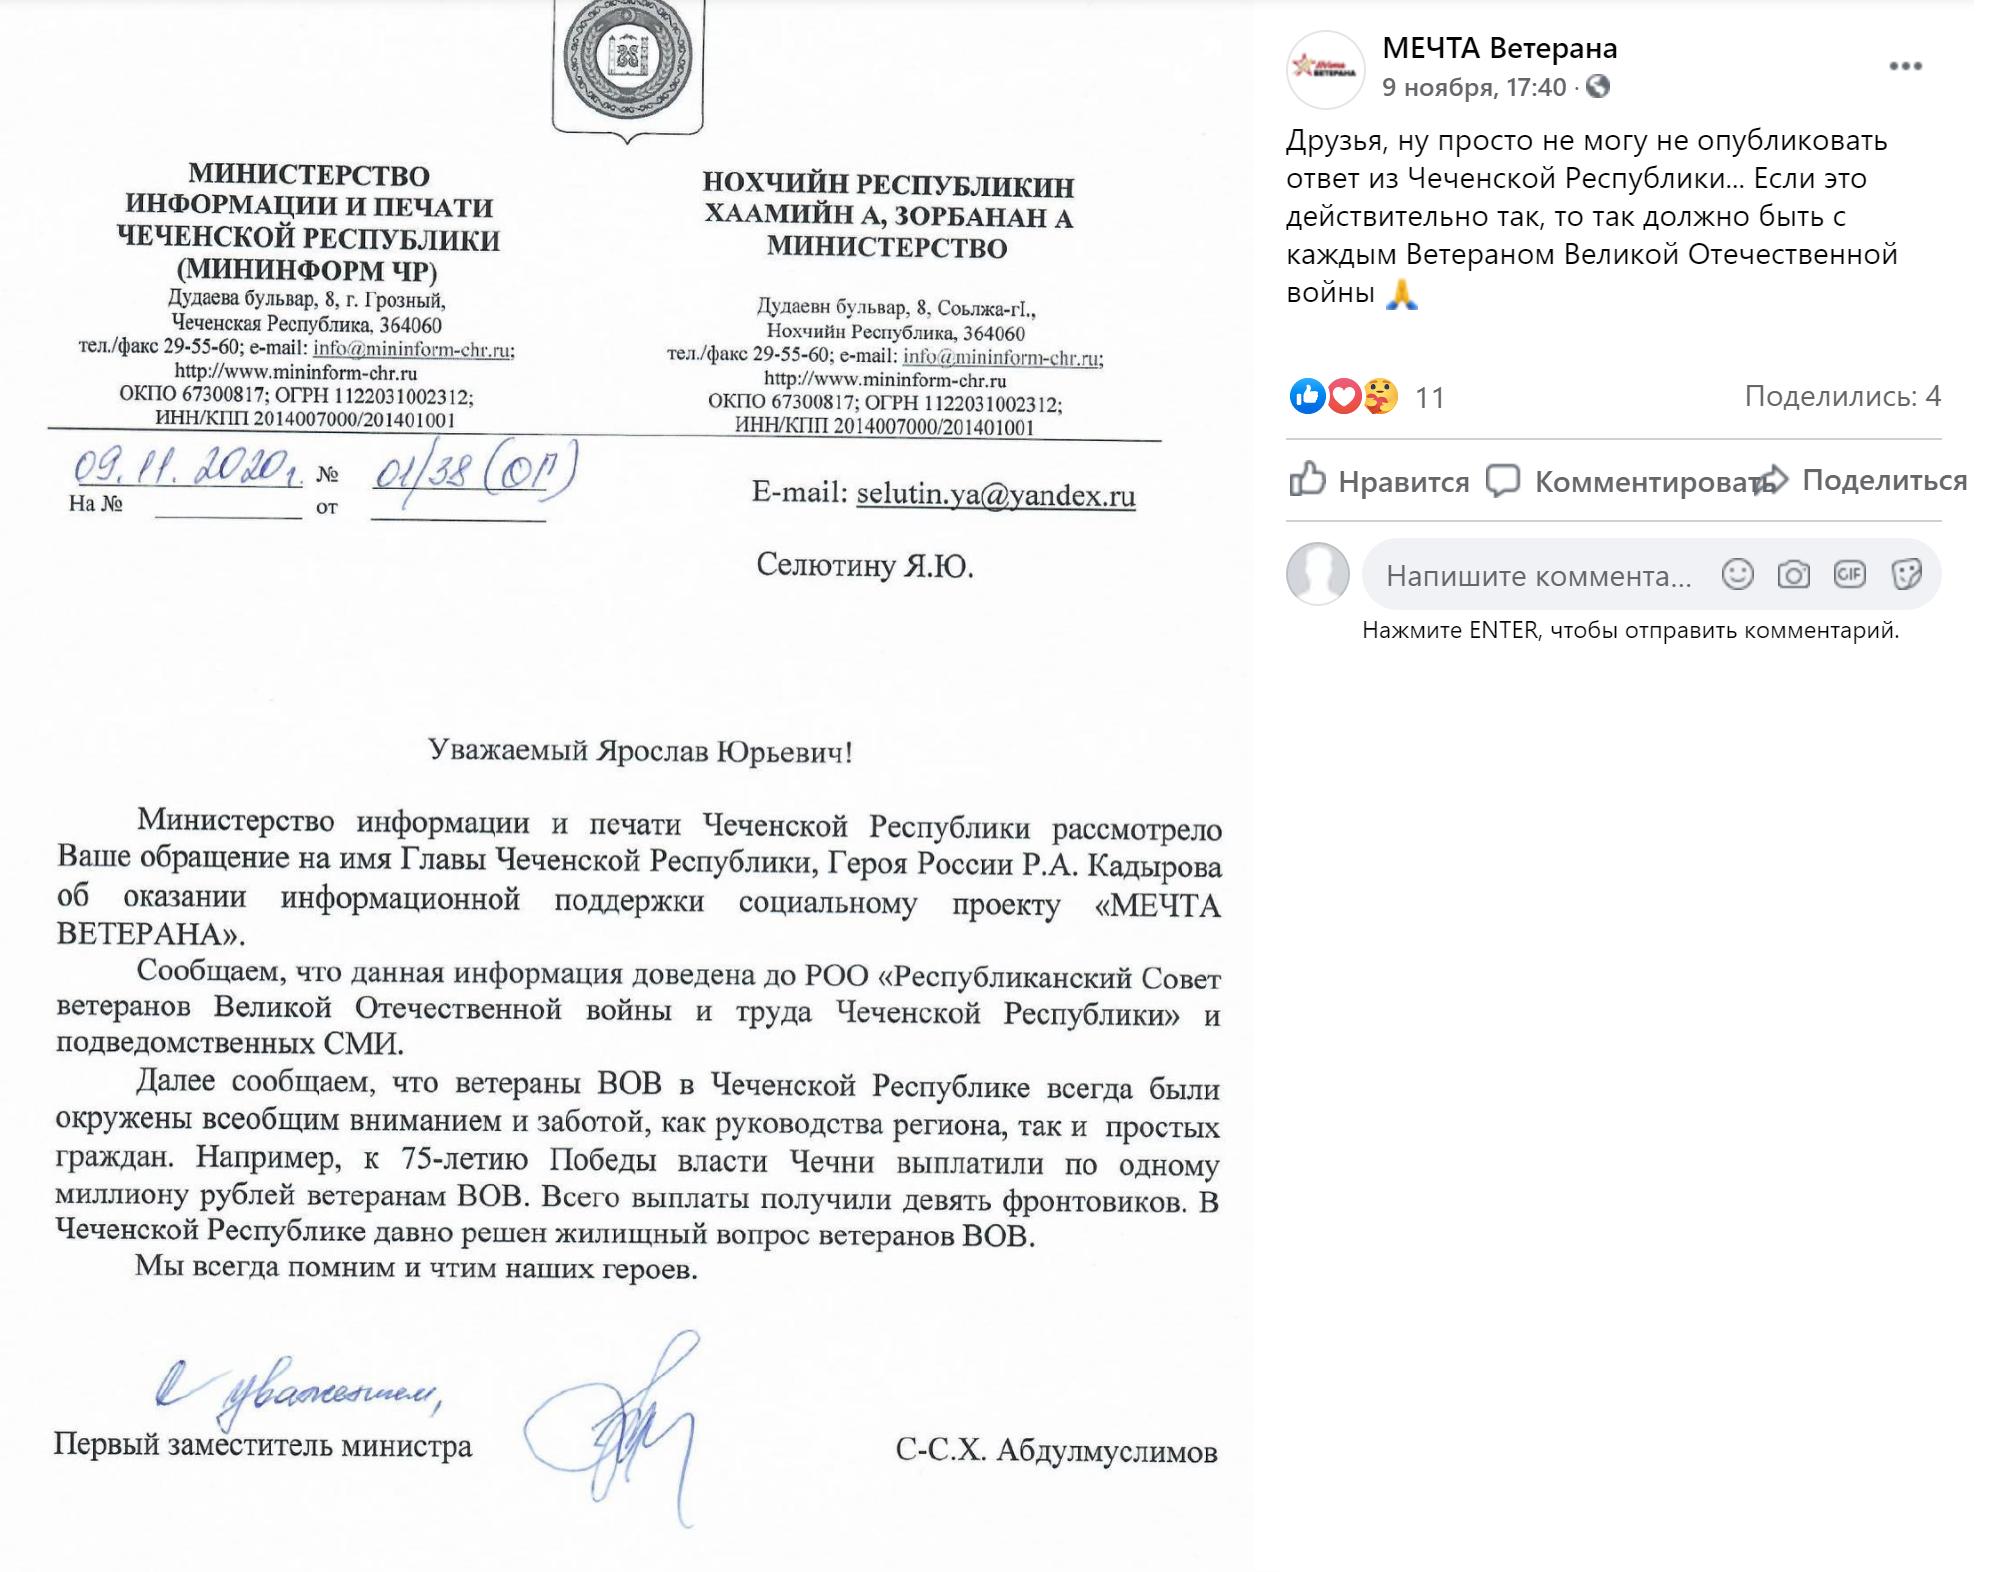 Аэто ужесостраницы проекта в«Фейсбуке». Министерство информации ипечати Чеченской Республики пишет, чторассмотрело обращение обинформационной поддержке «Мечтыветерана»